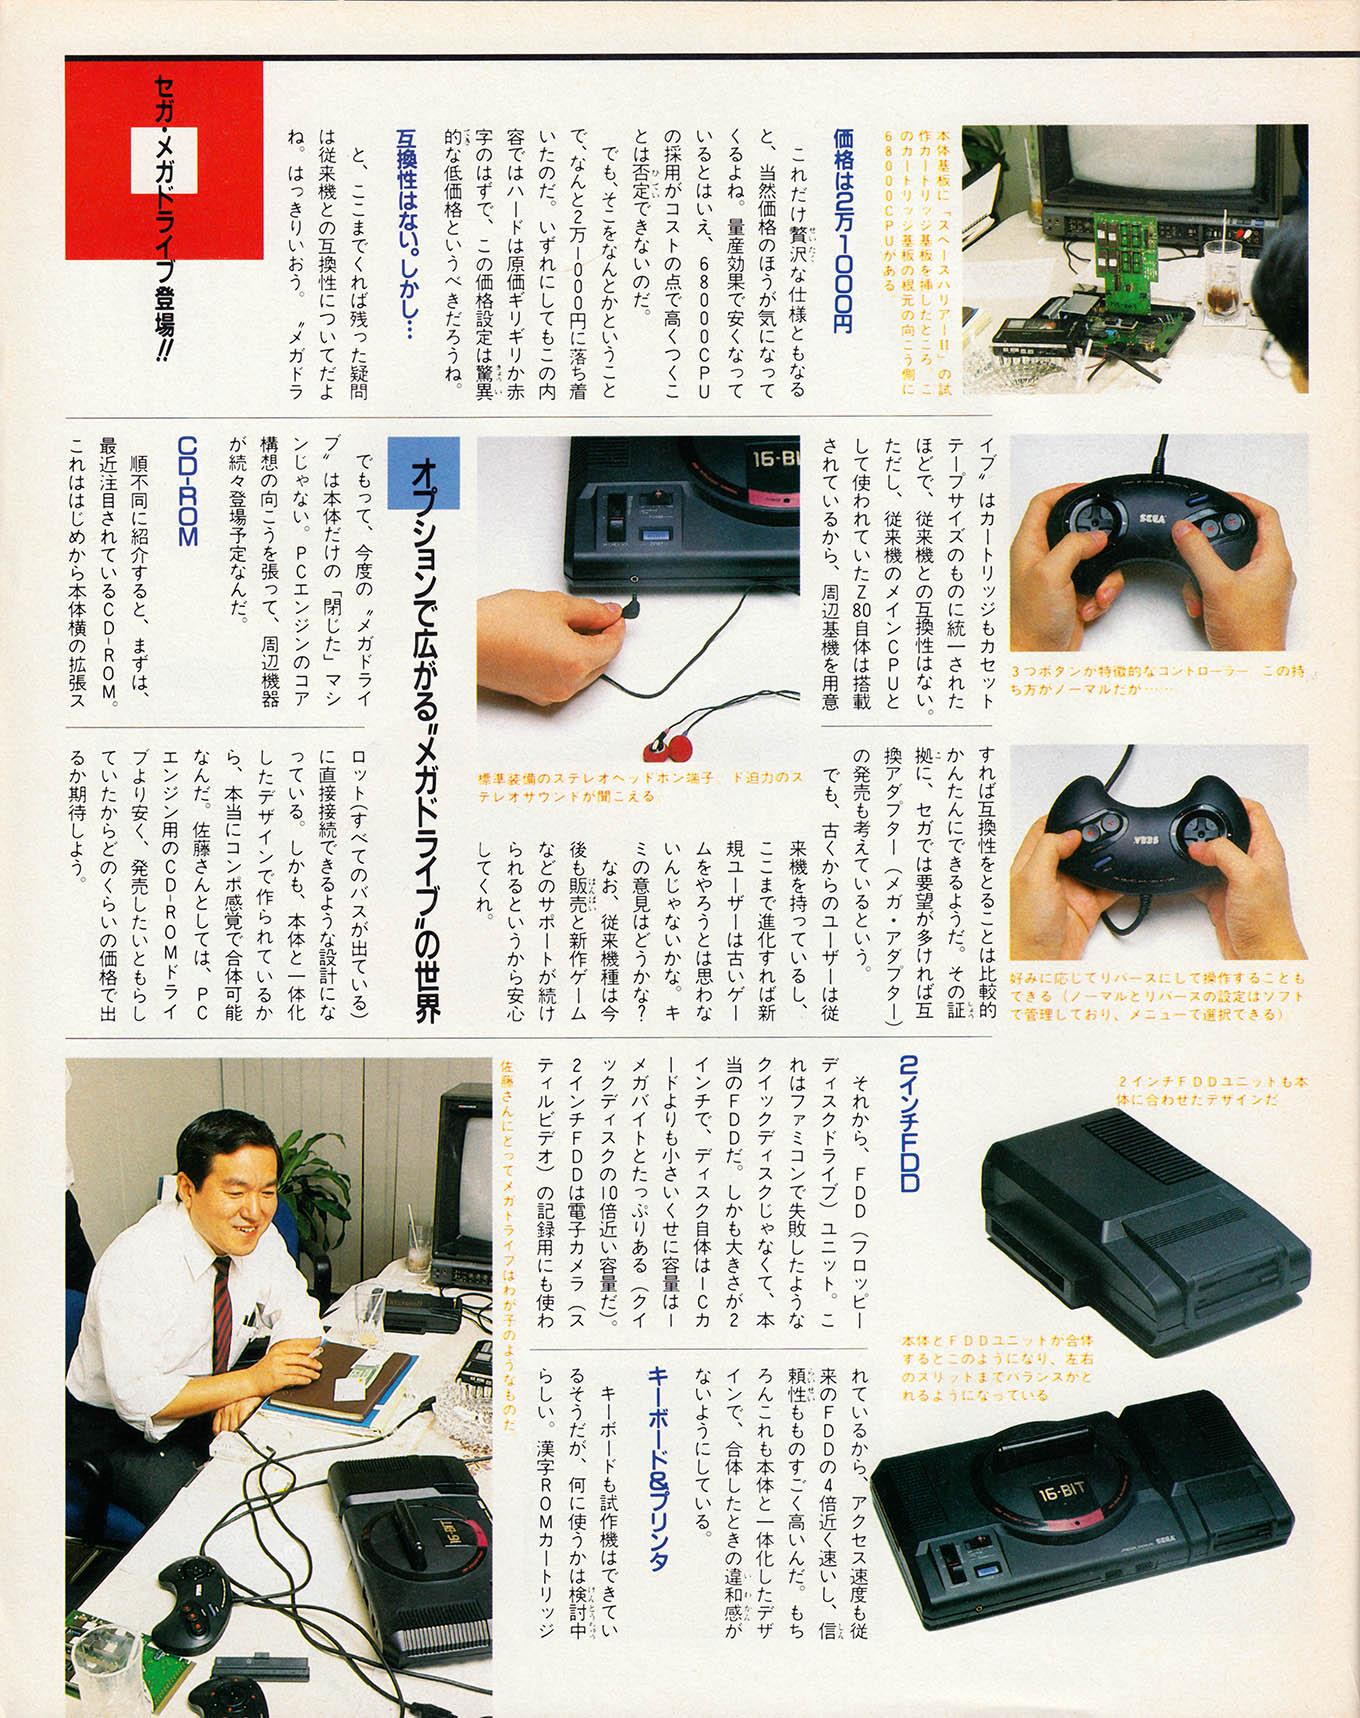 The Sega Mega Drive is Here! - Mega Drive Shock